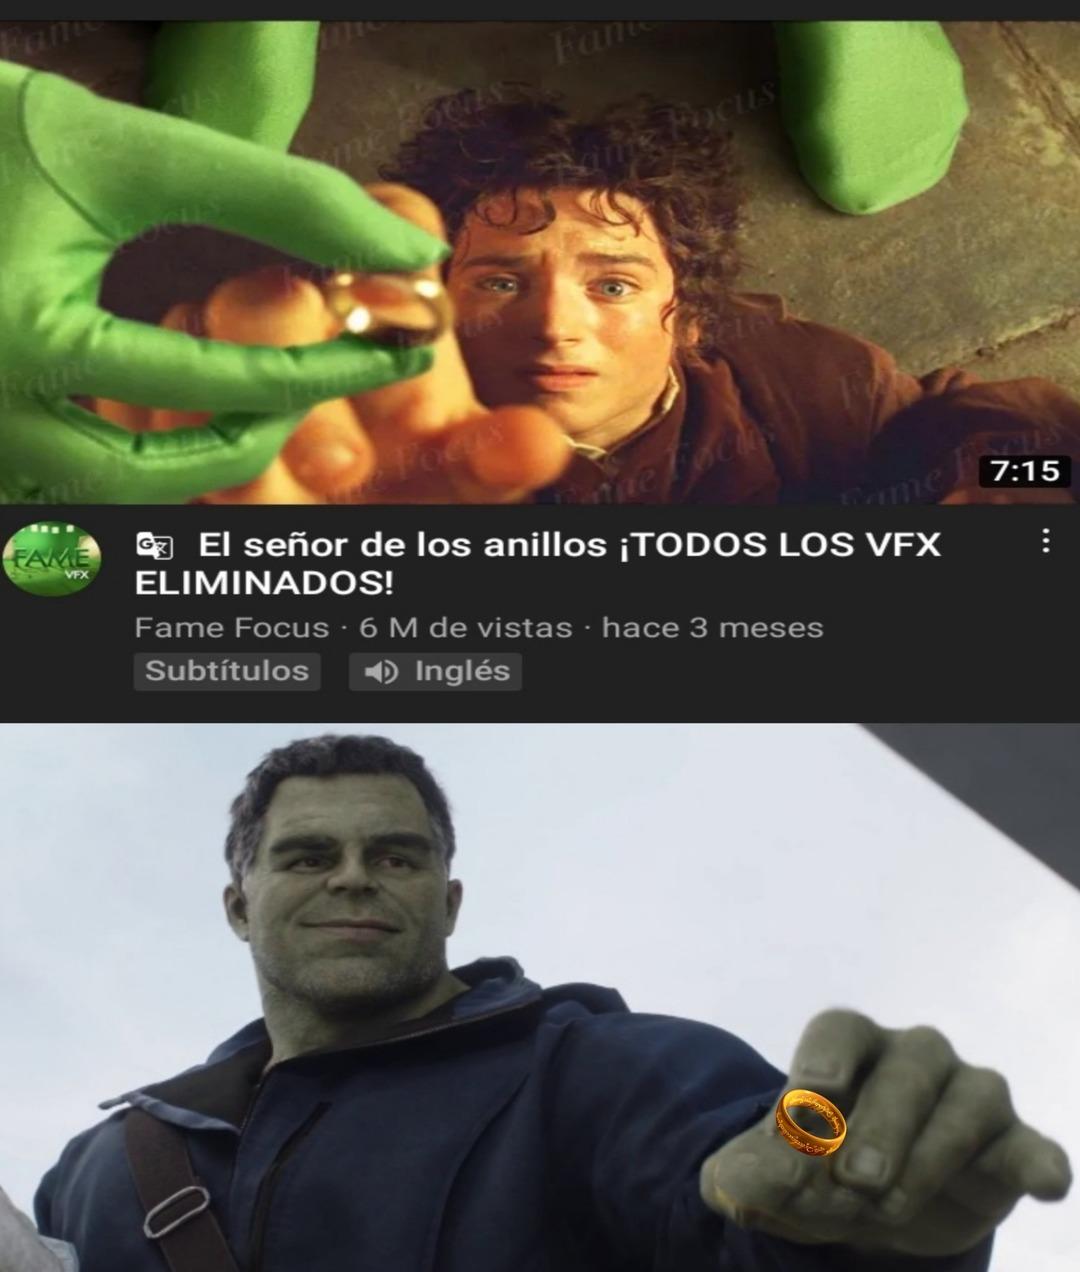 Hulk no se pone el anillo porque no le cabe en el dedo :yaoming: - meme